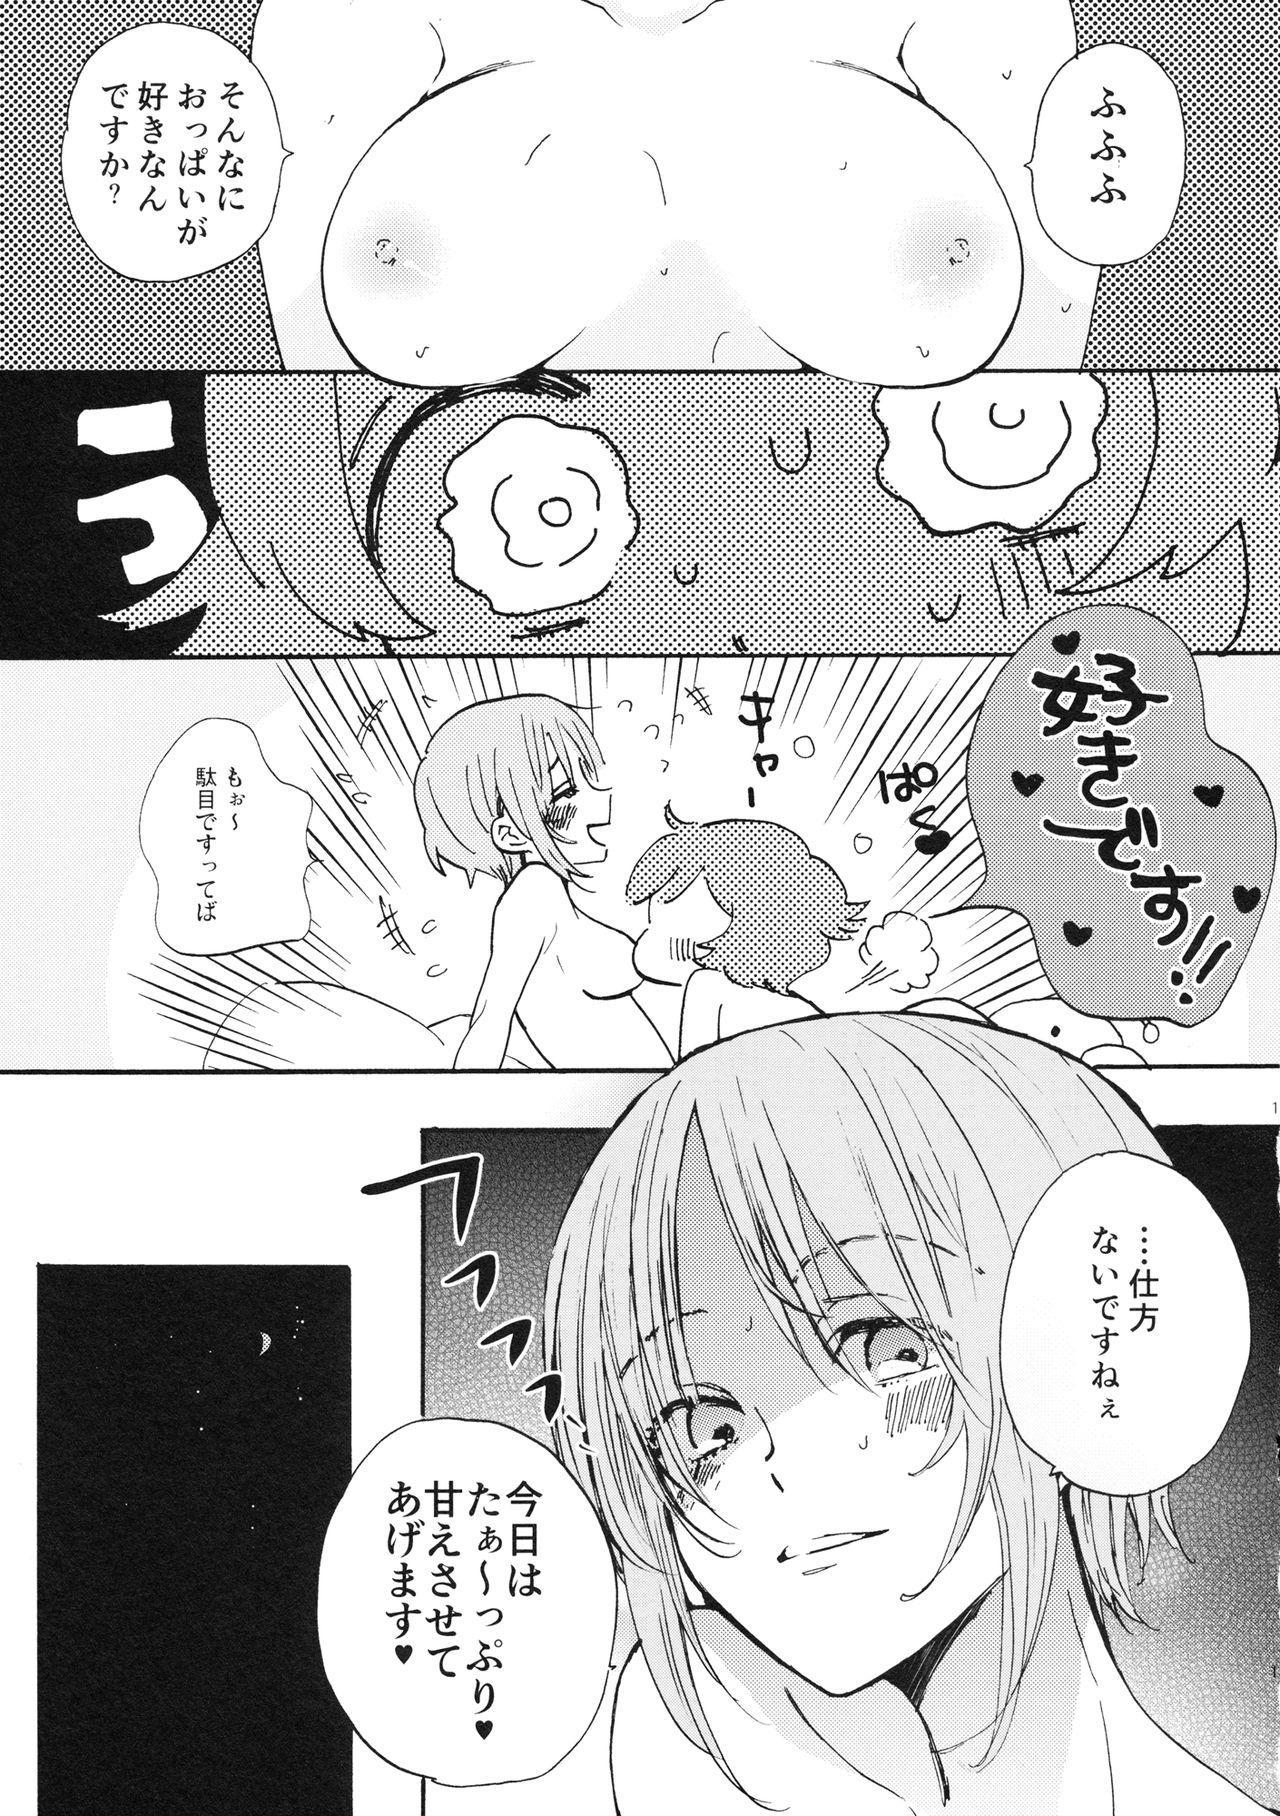 Natsu wa Aka-chan Play to Chimou to, Hanabi o Mite Kiss o Suru no da. 9